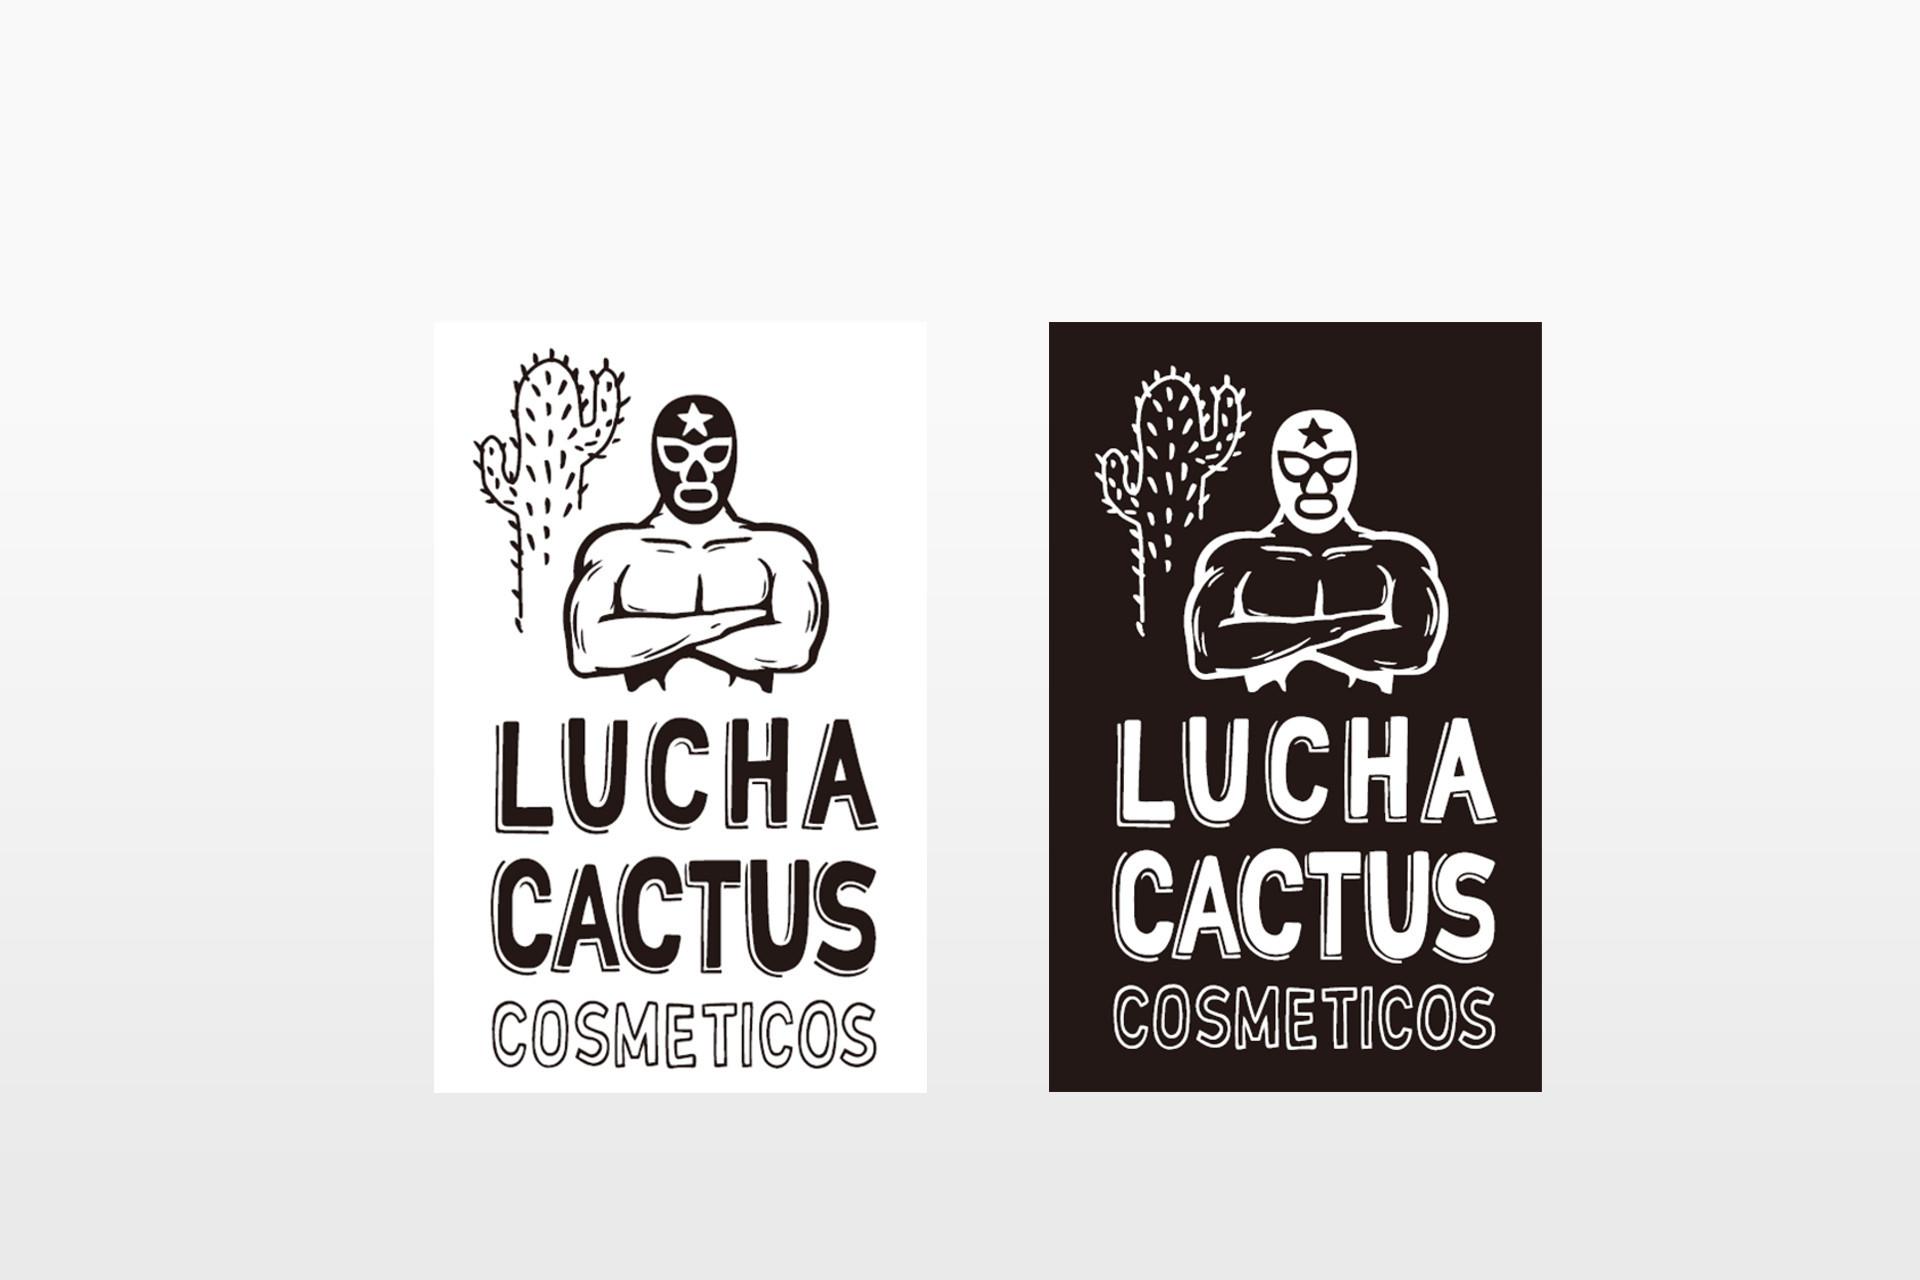 LUCHA CACTUS オリジナルステッカー